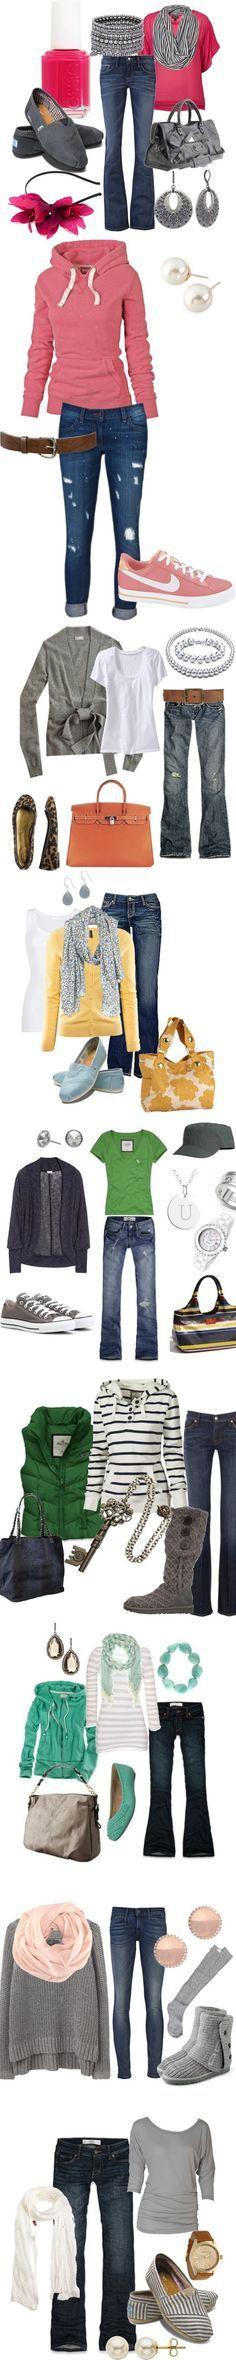 26 Fall Fashions - wonderful sets put together ~ Love em!